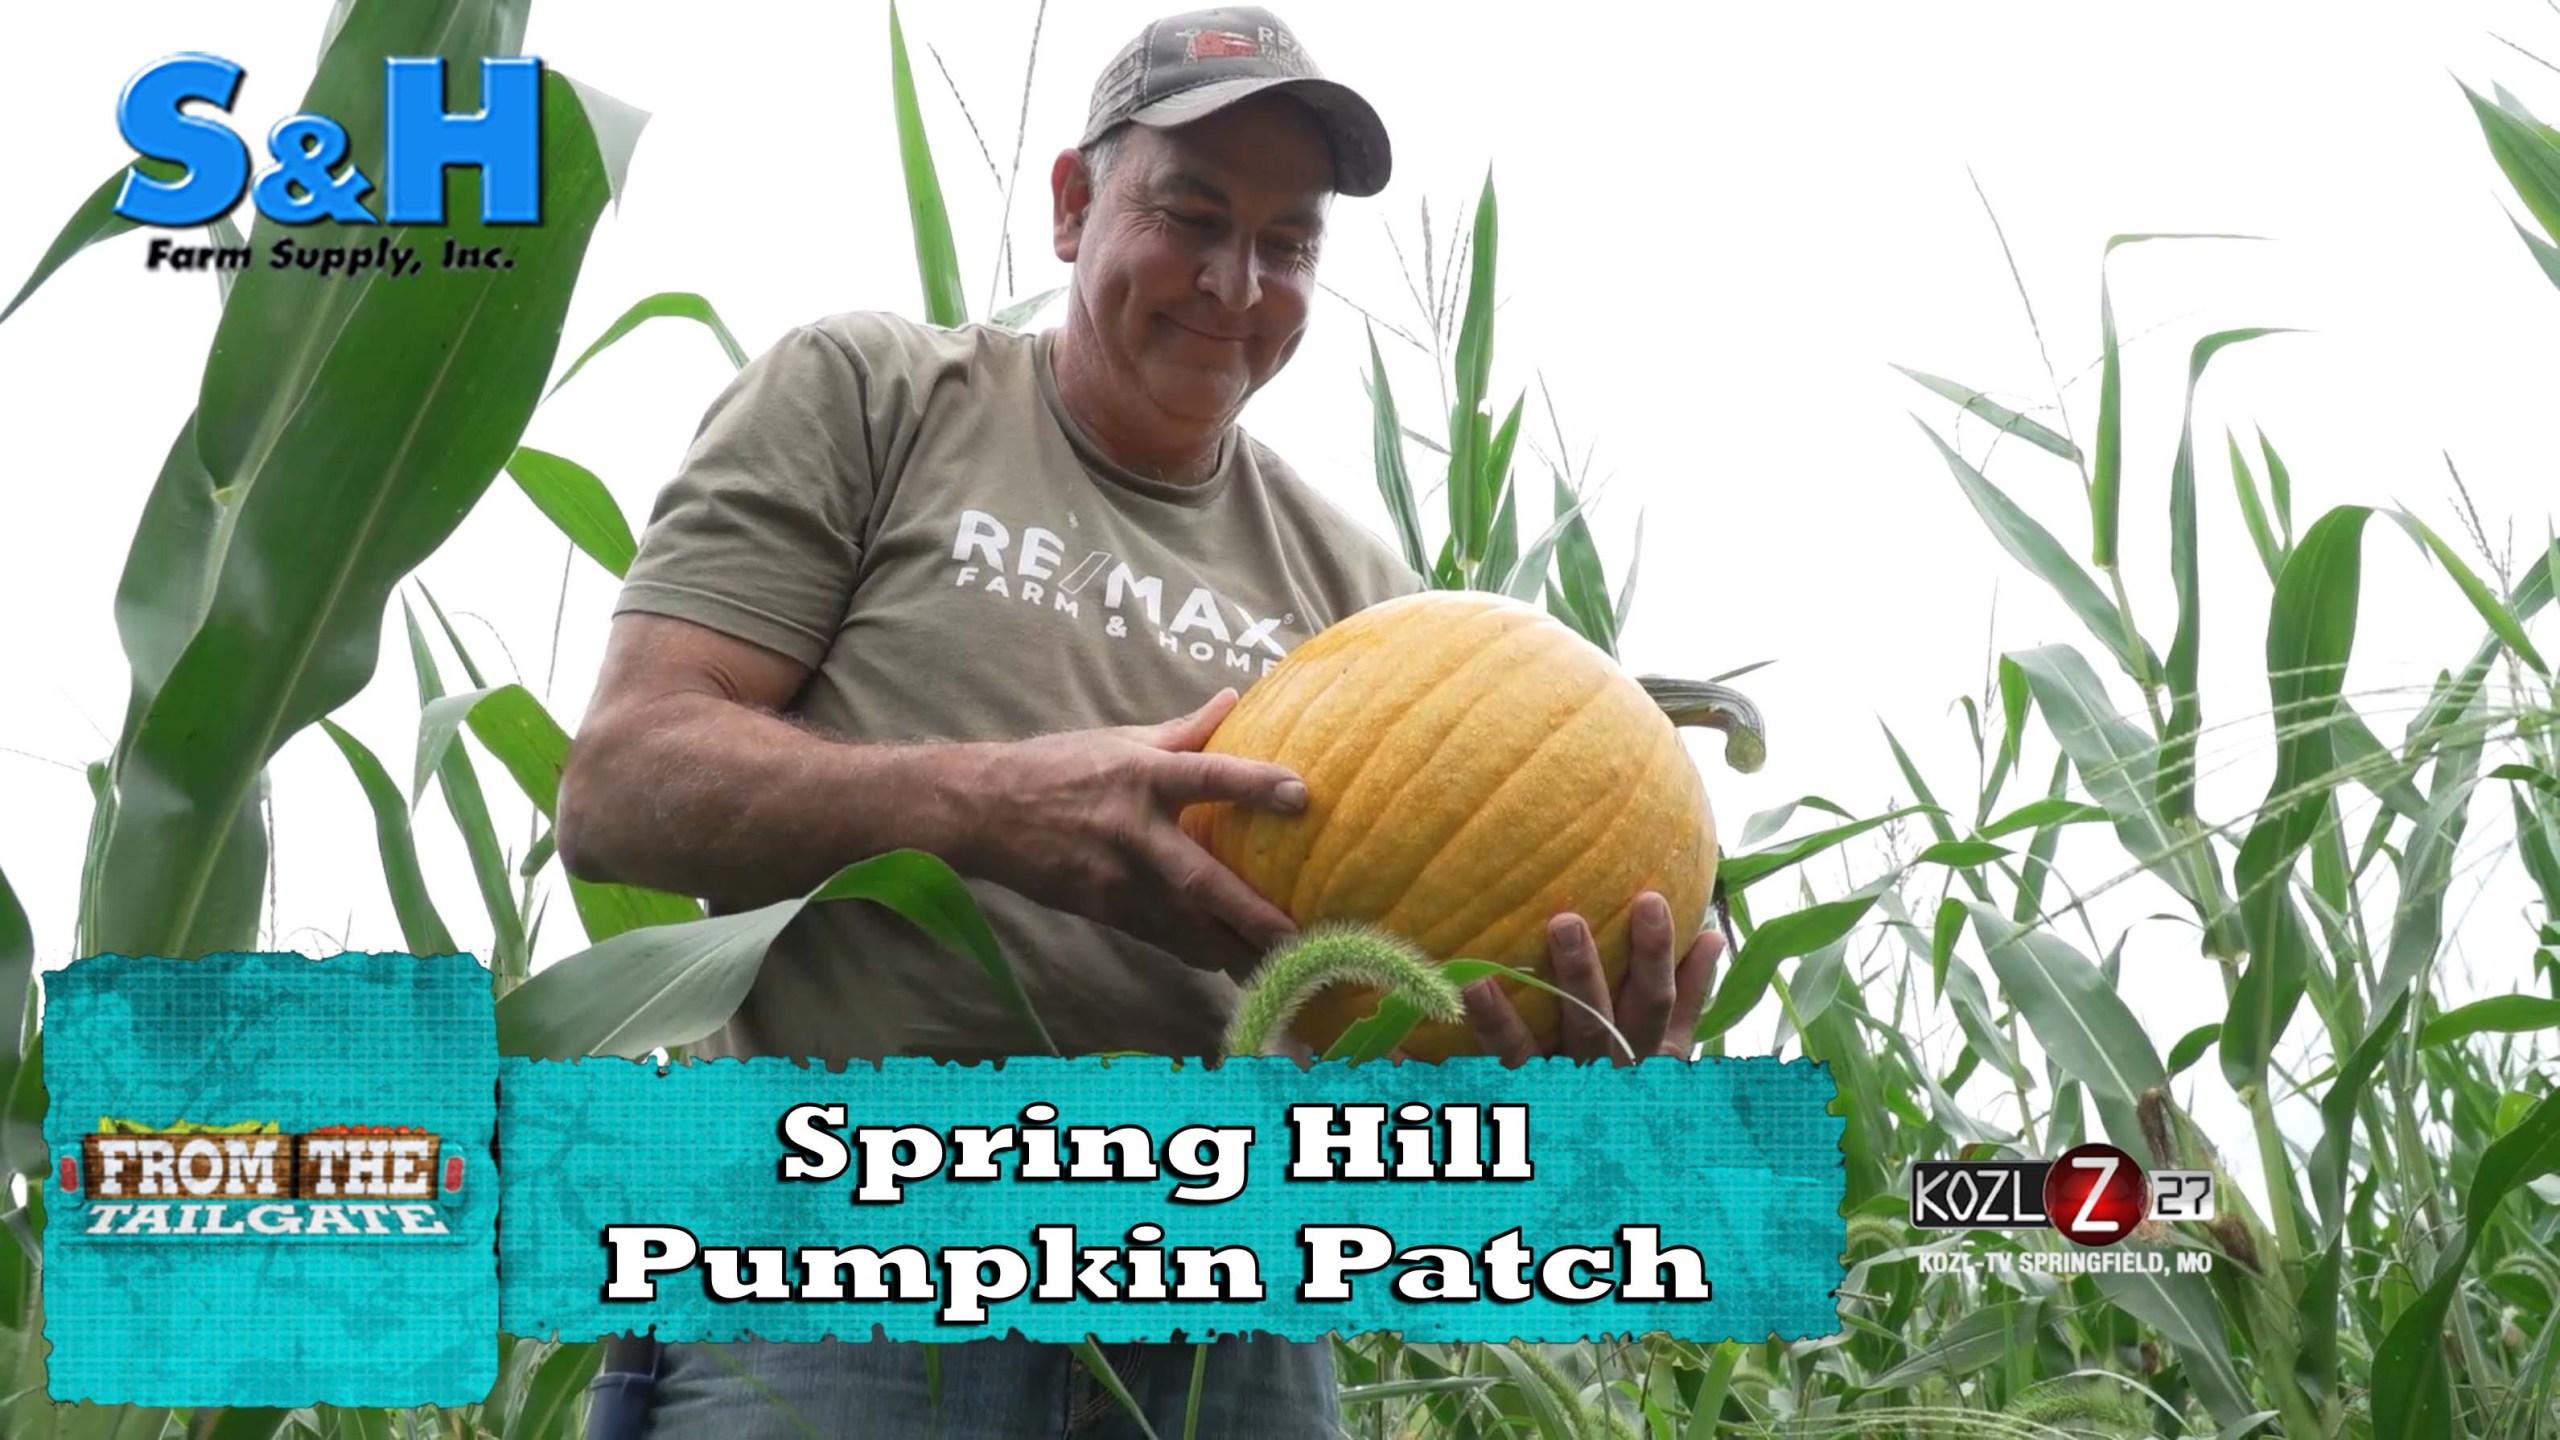 Spring Hill Pumpkin Patch